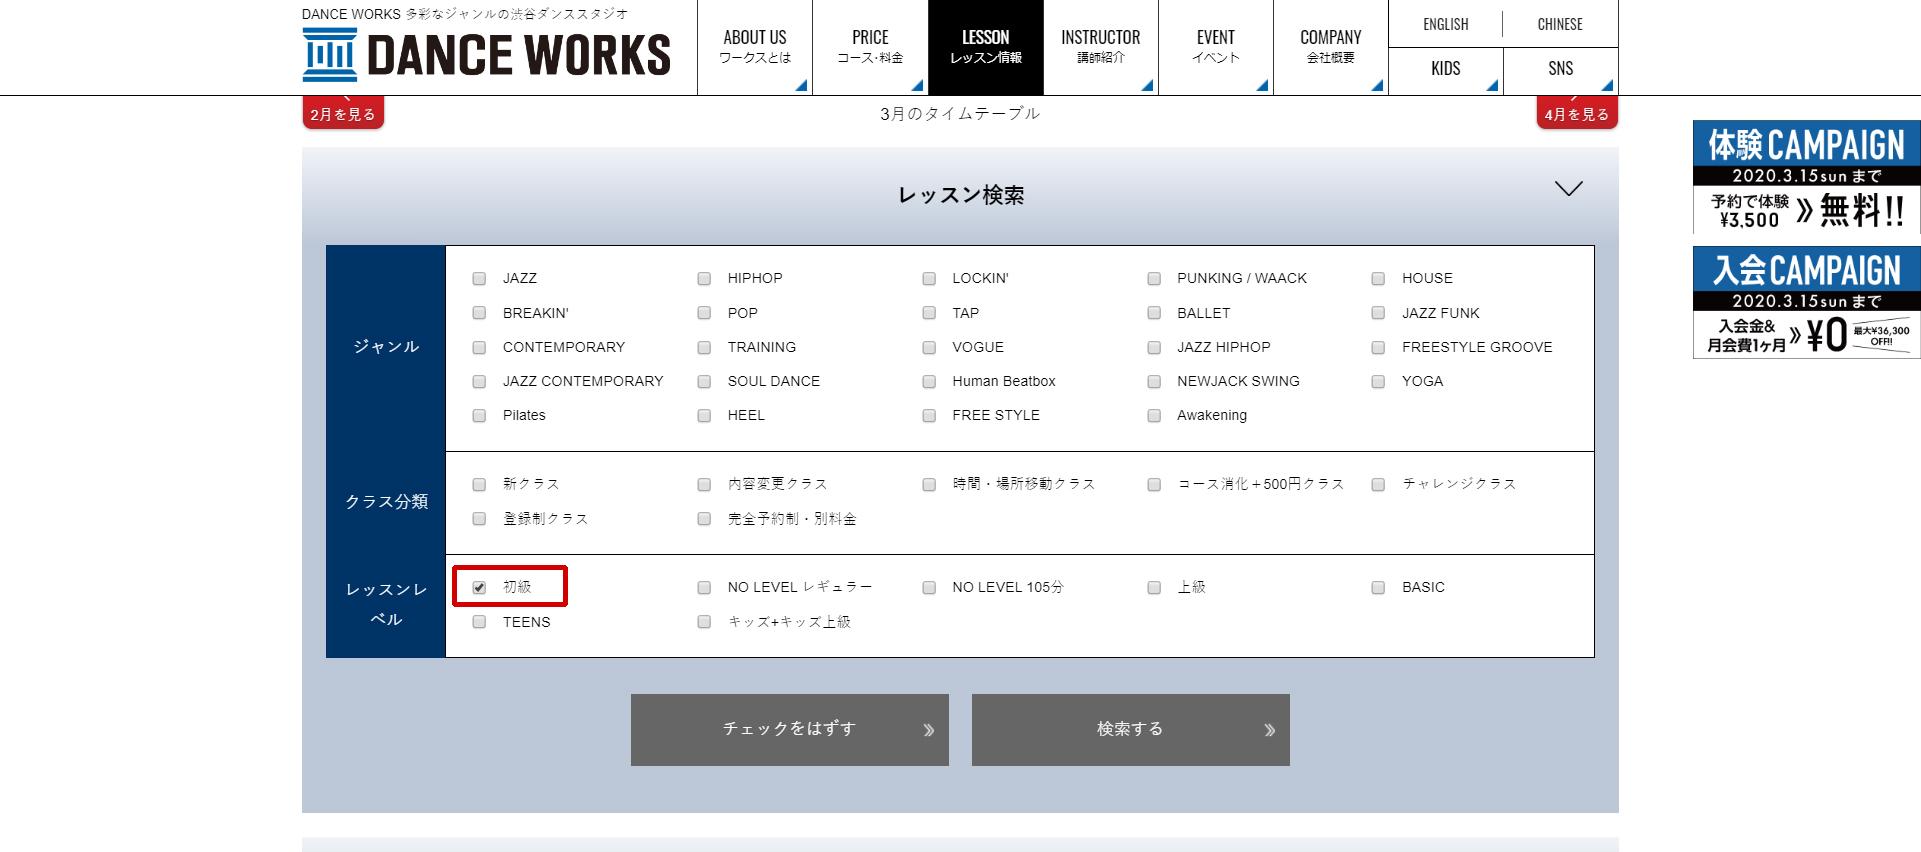 タイムテーブル - 東京の渋谷ダンススタジオならDANCEWORKS - danceworks.jp